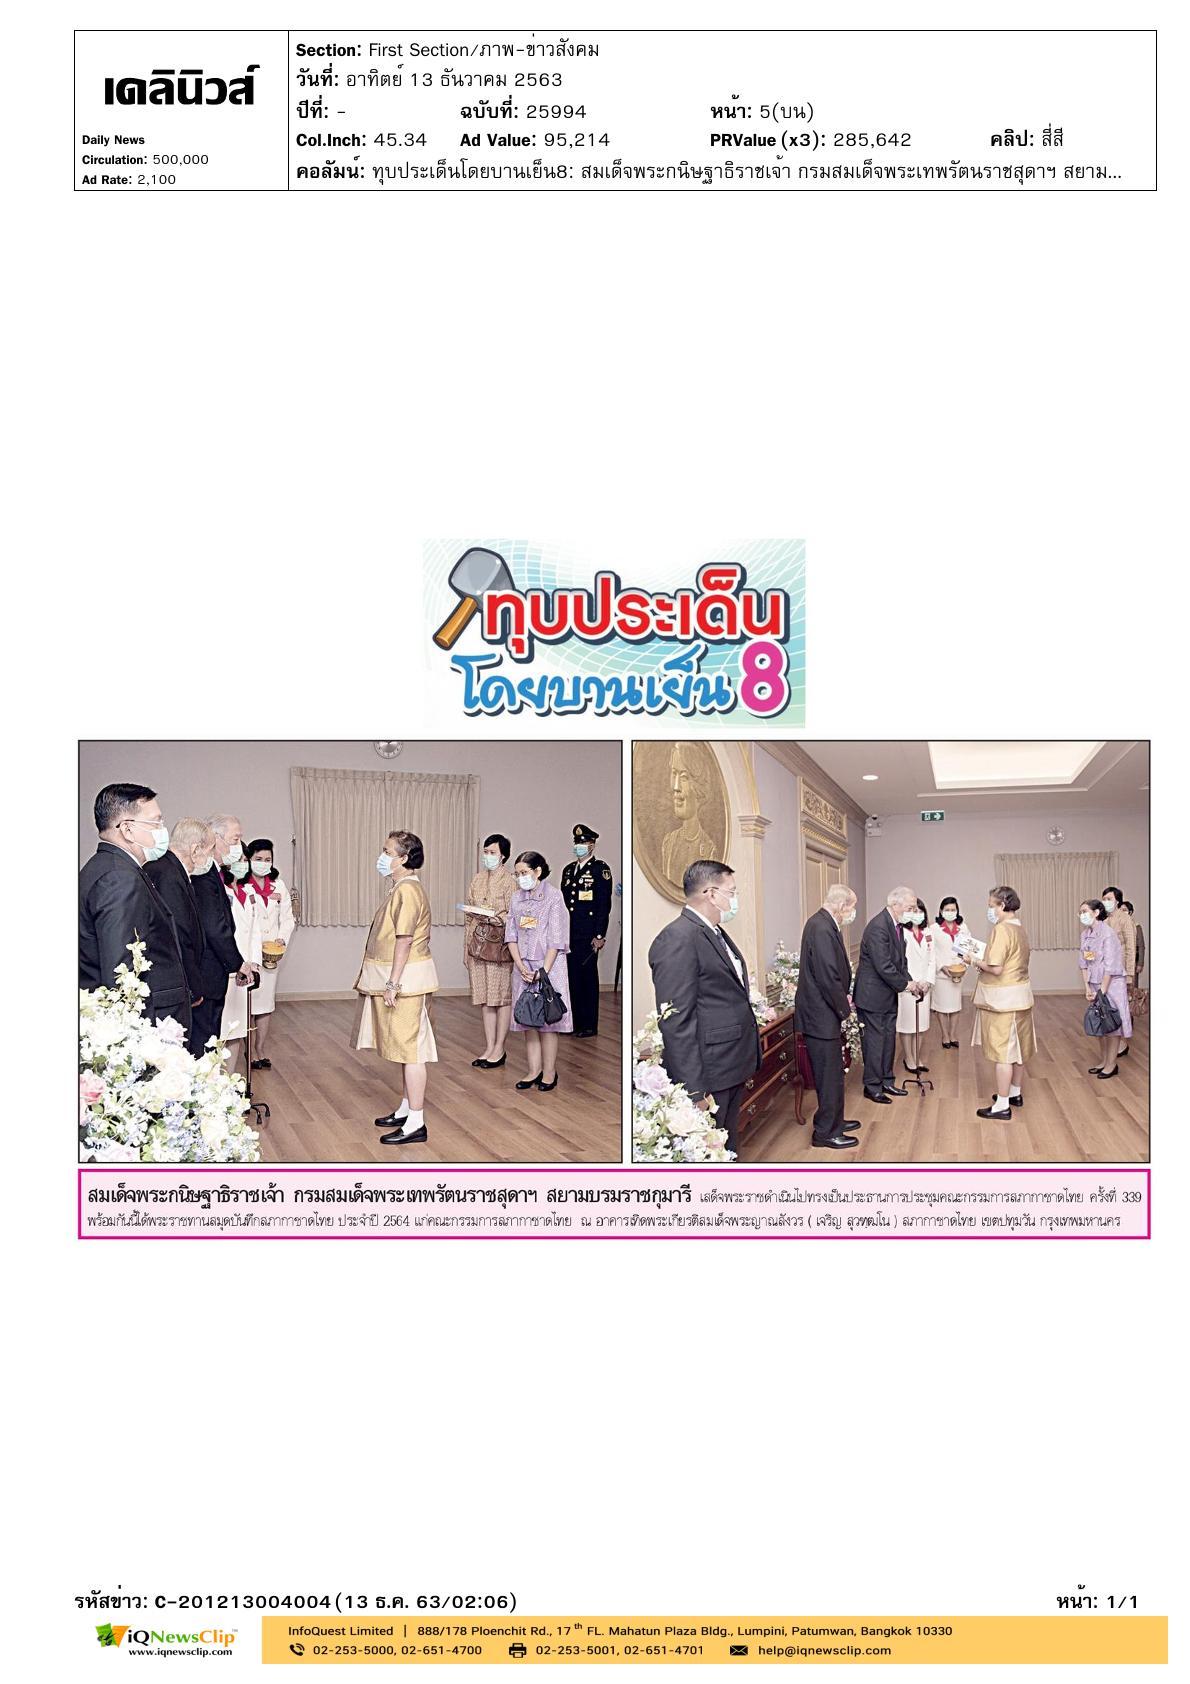 เสด็จฯ ไปทรงเป็นประธานการประชุมคณะกรรมการสภากาชาดไทย ครั้งที่ 339